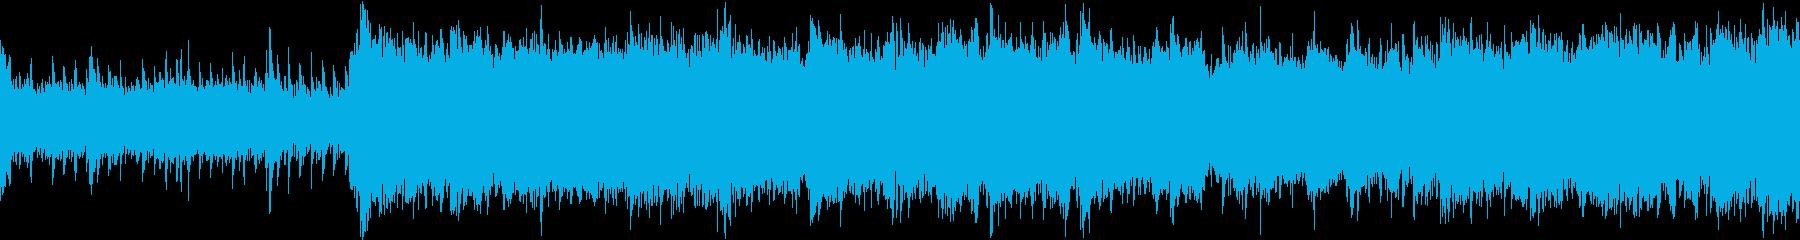 古き良き時代への憧れ メロトロン-ループの再生済みの波形